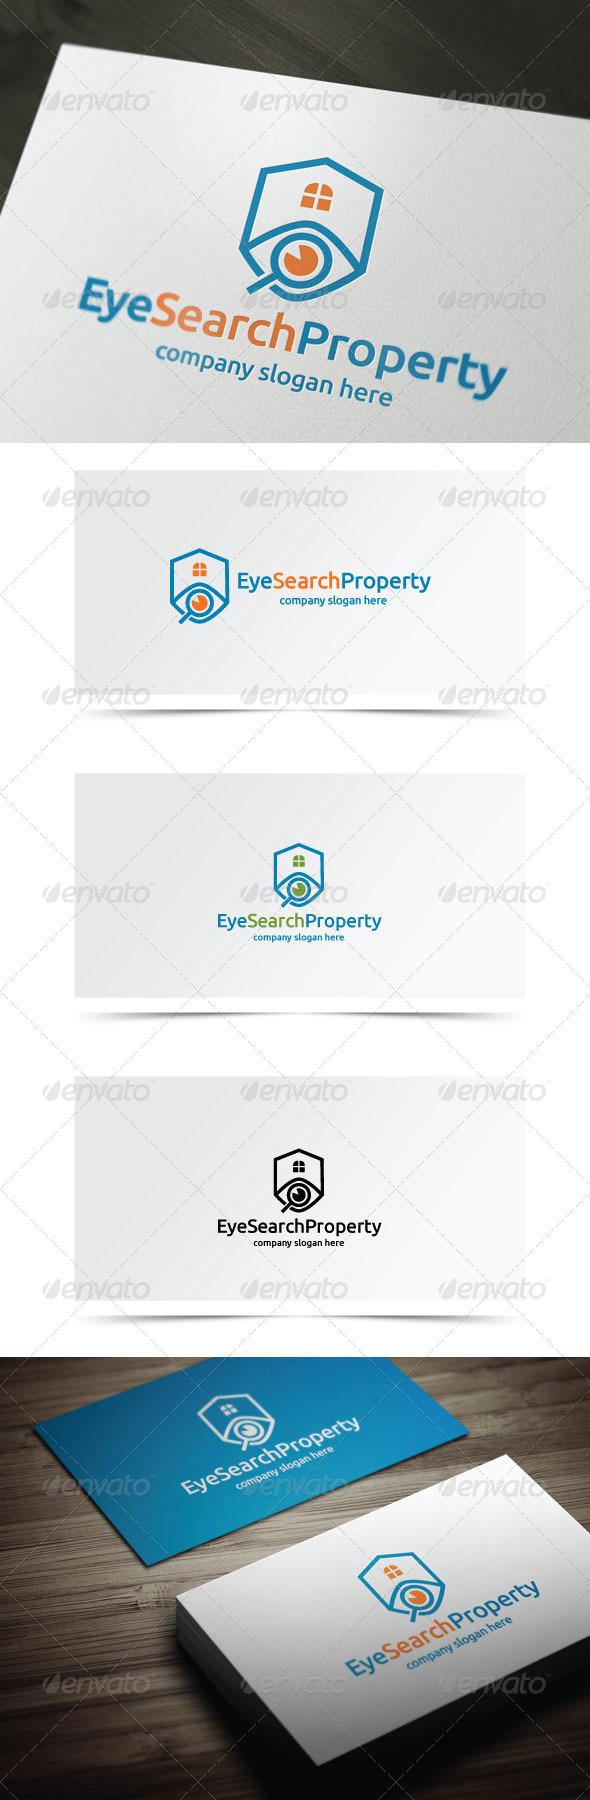 Eye Search Property